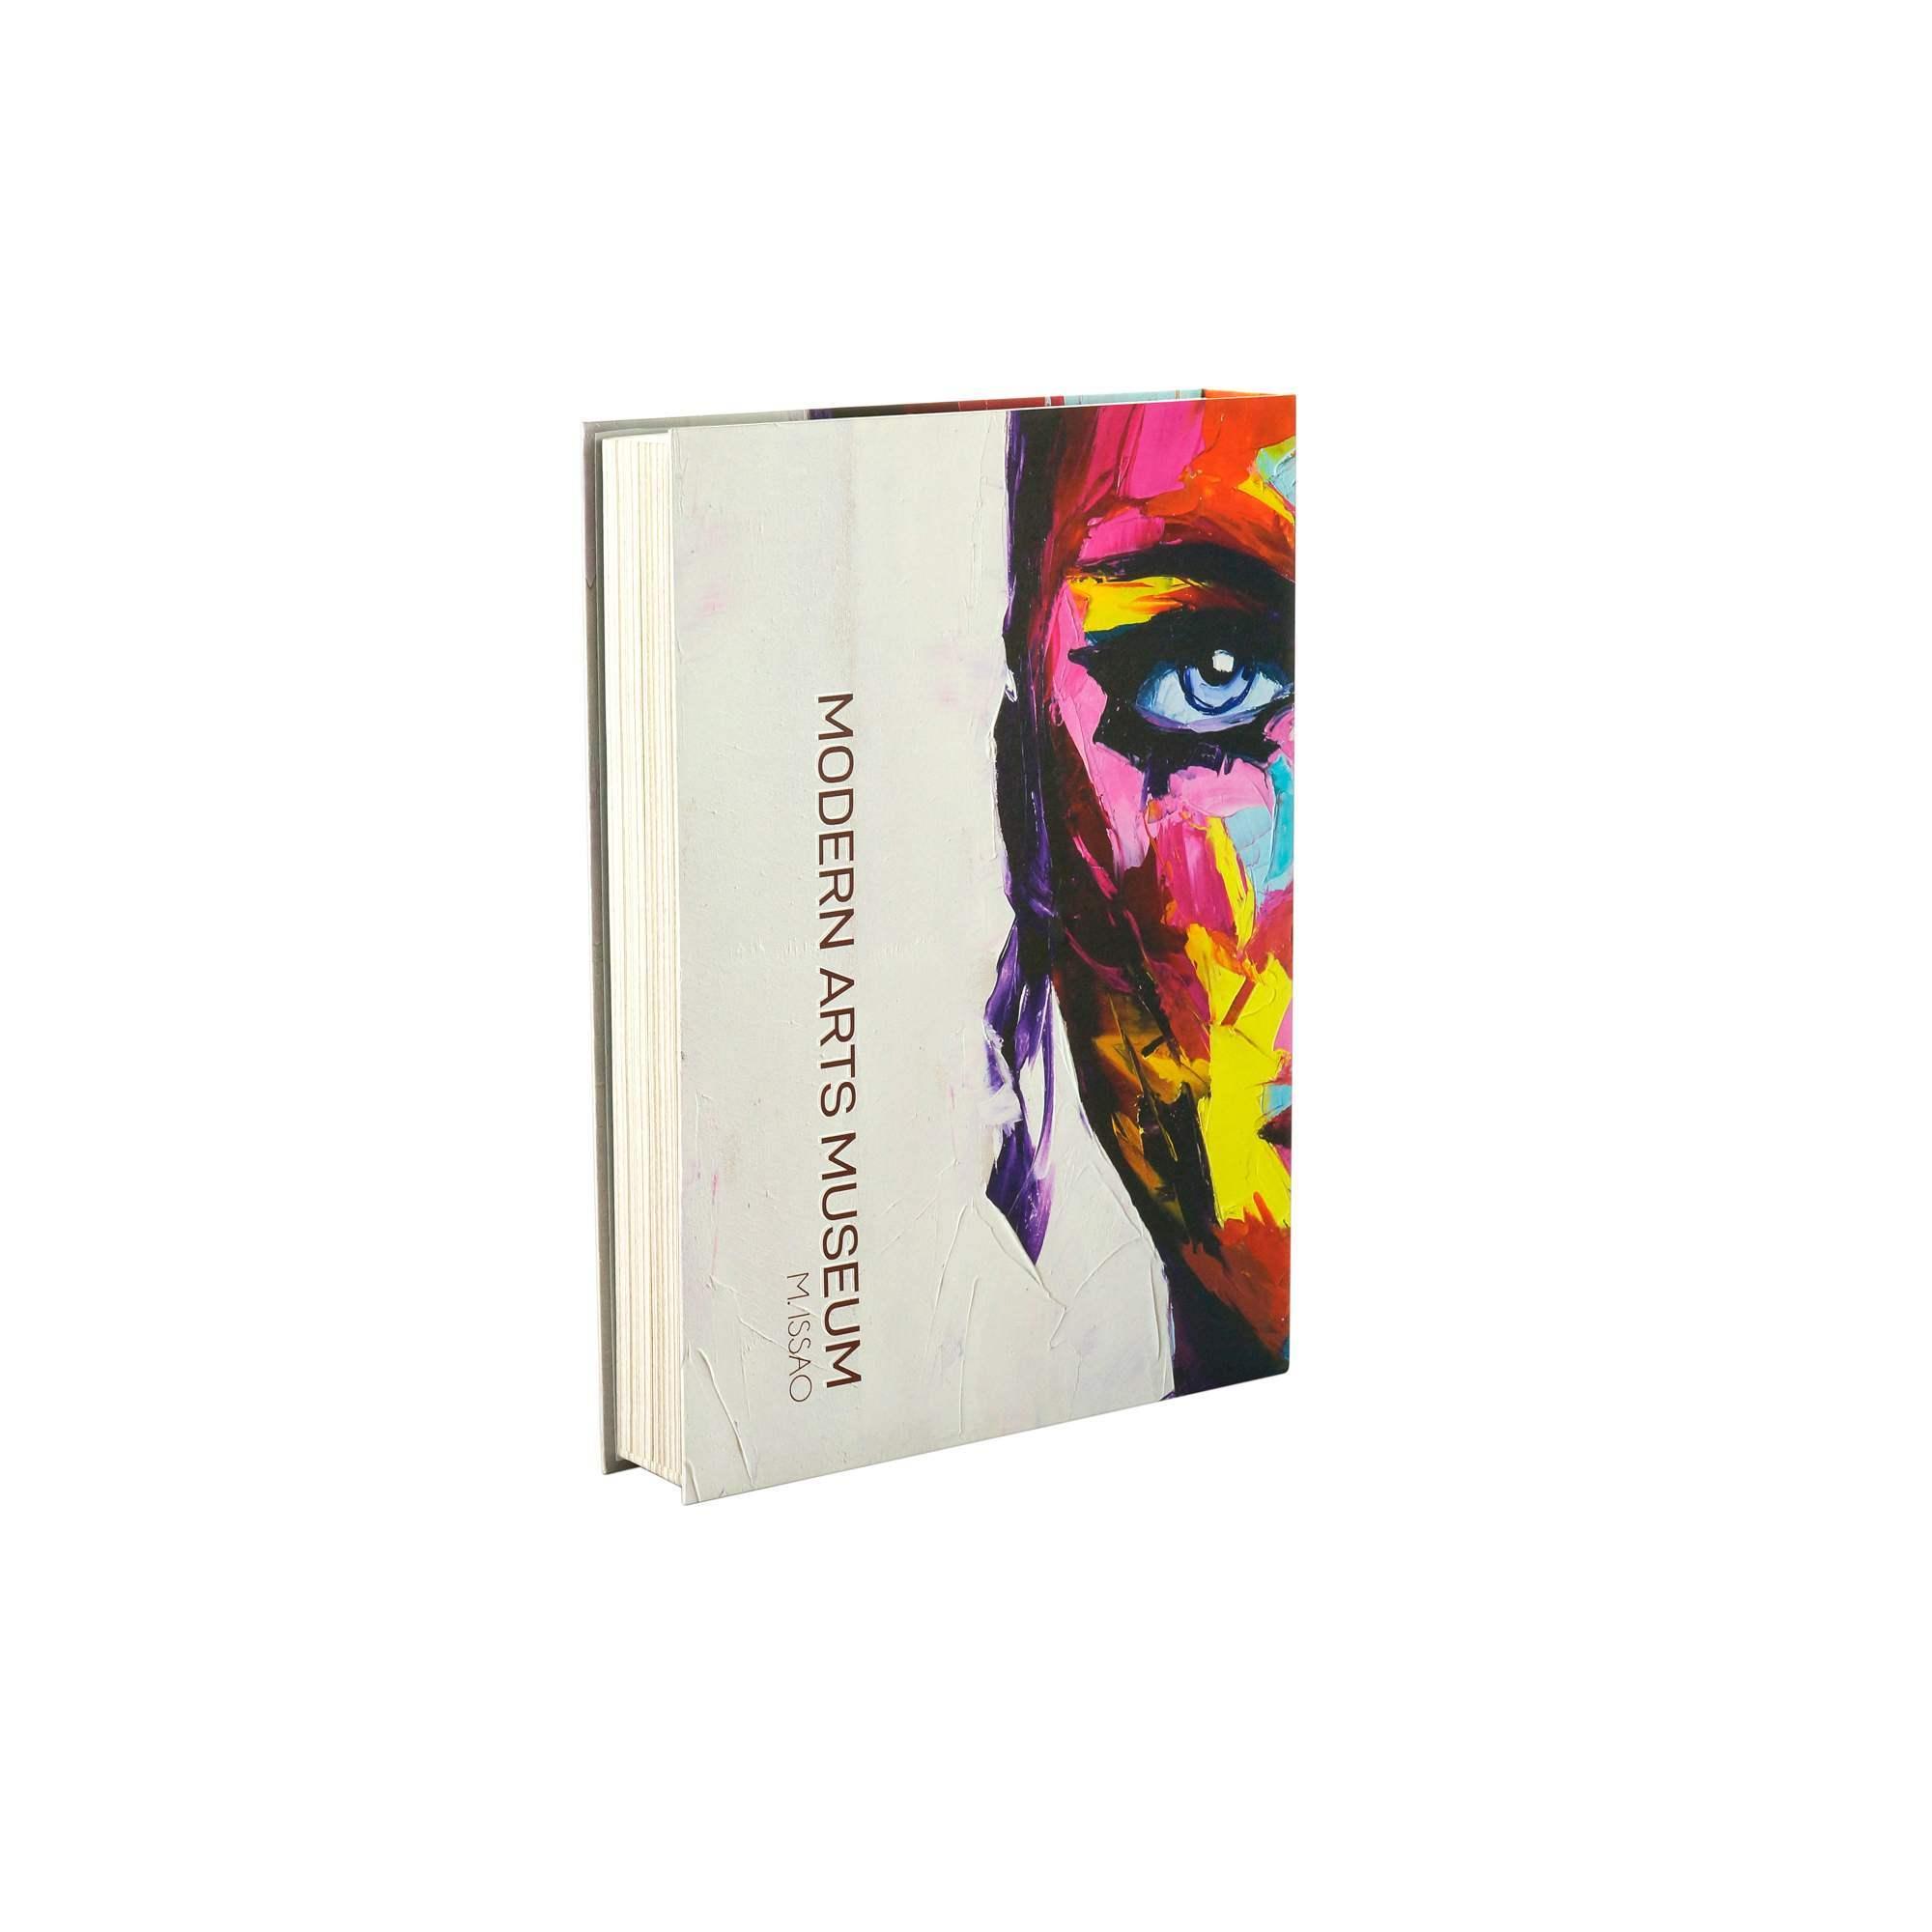 Caixa Livro Papel Rigido Modern Arts 36x27x5cm